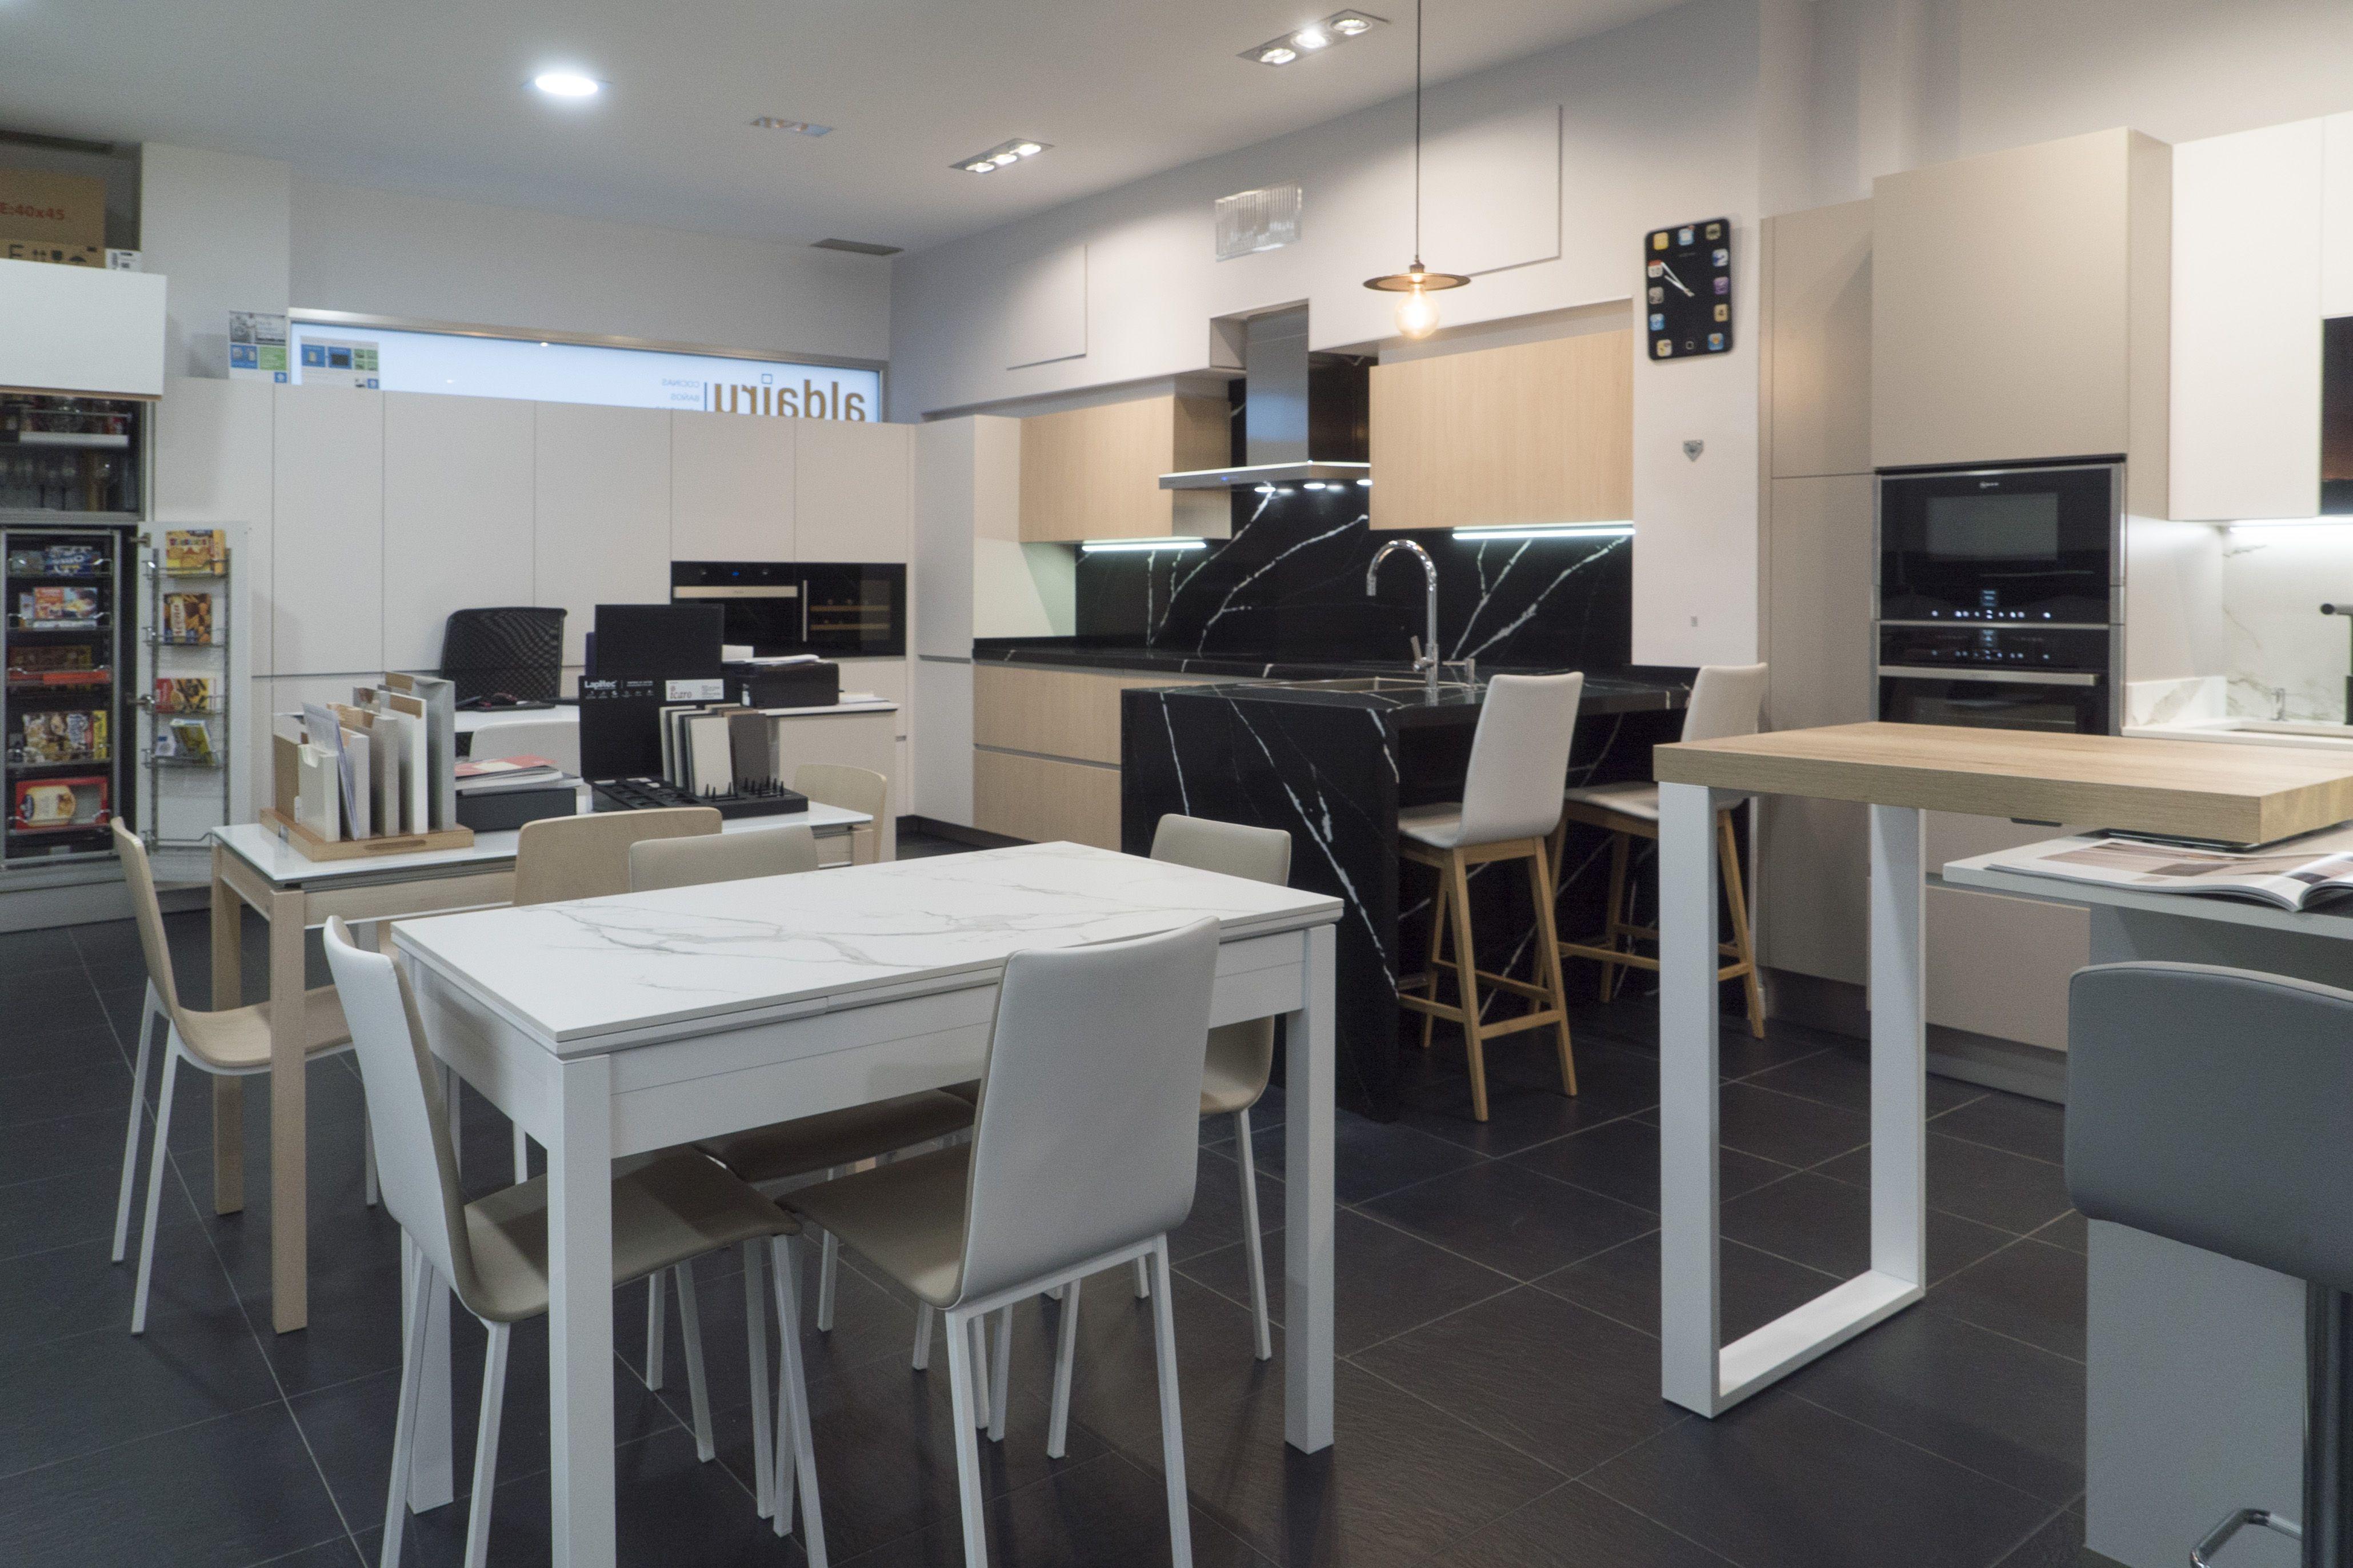 Venta de muebles de cocina en Erandio